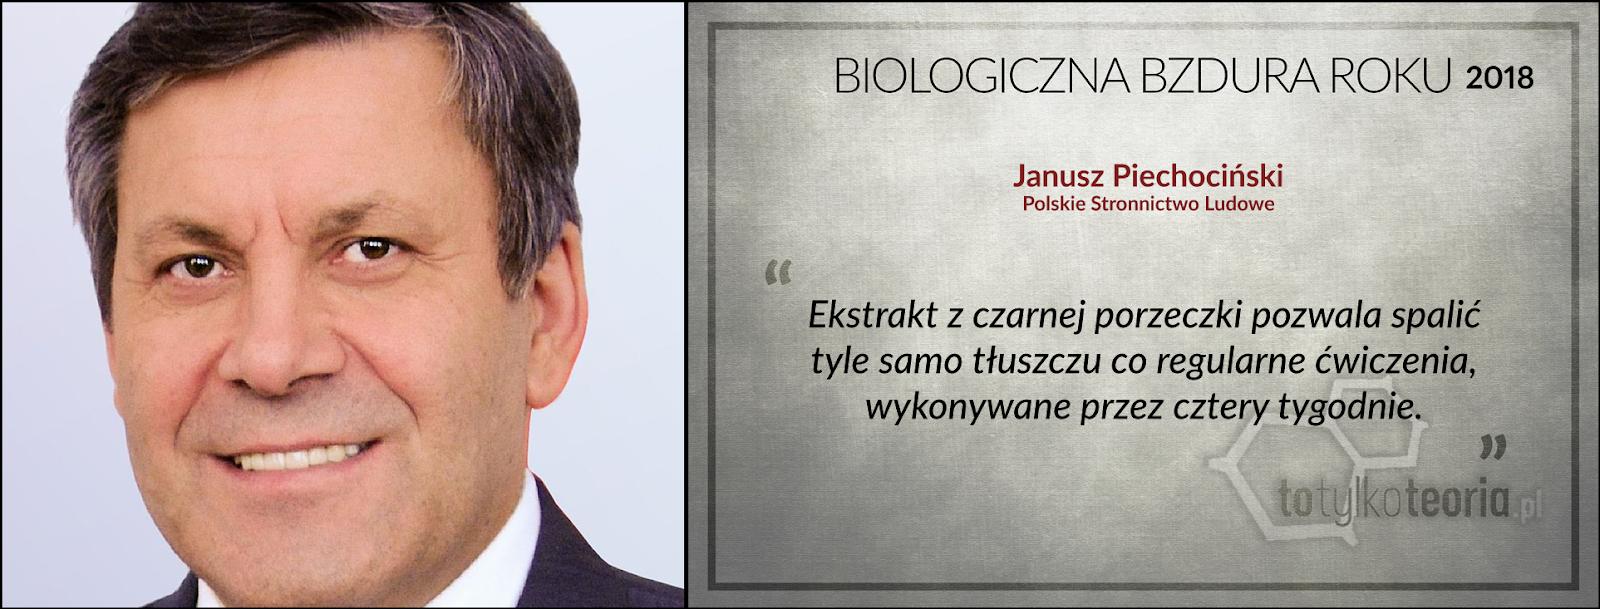 Janusz Piechociński ekstrakt z czarnej porzeczki Biologiczna Bzdura Roku 2018